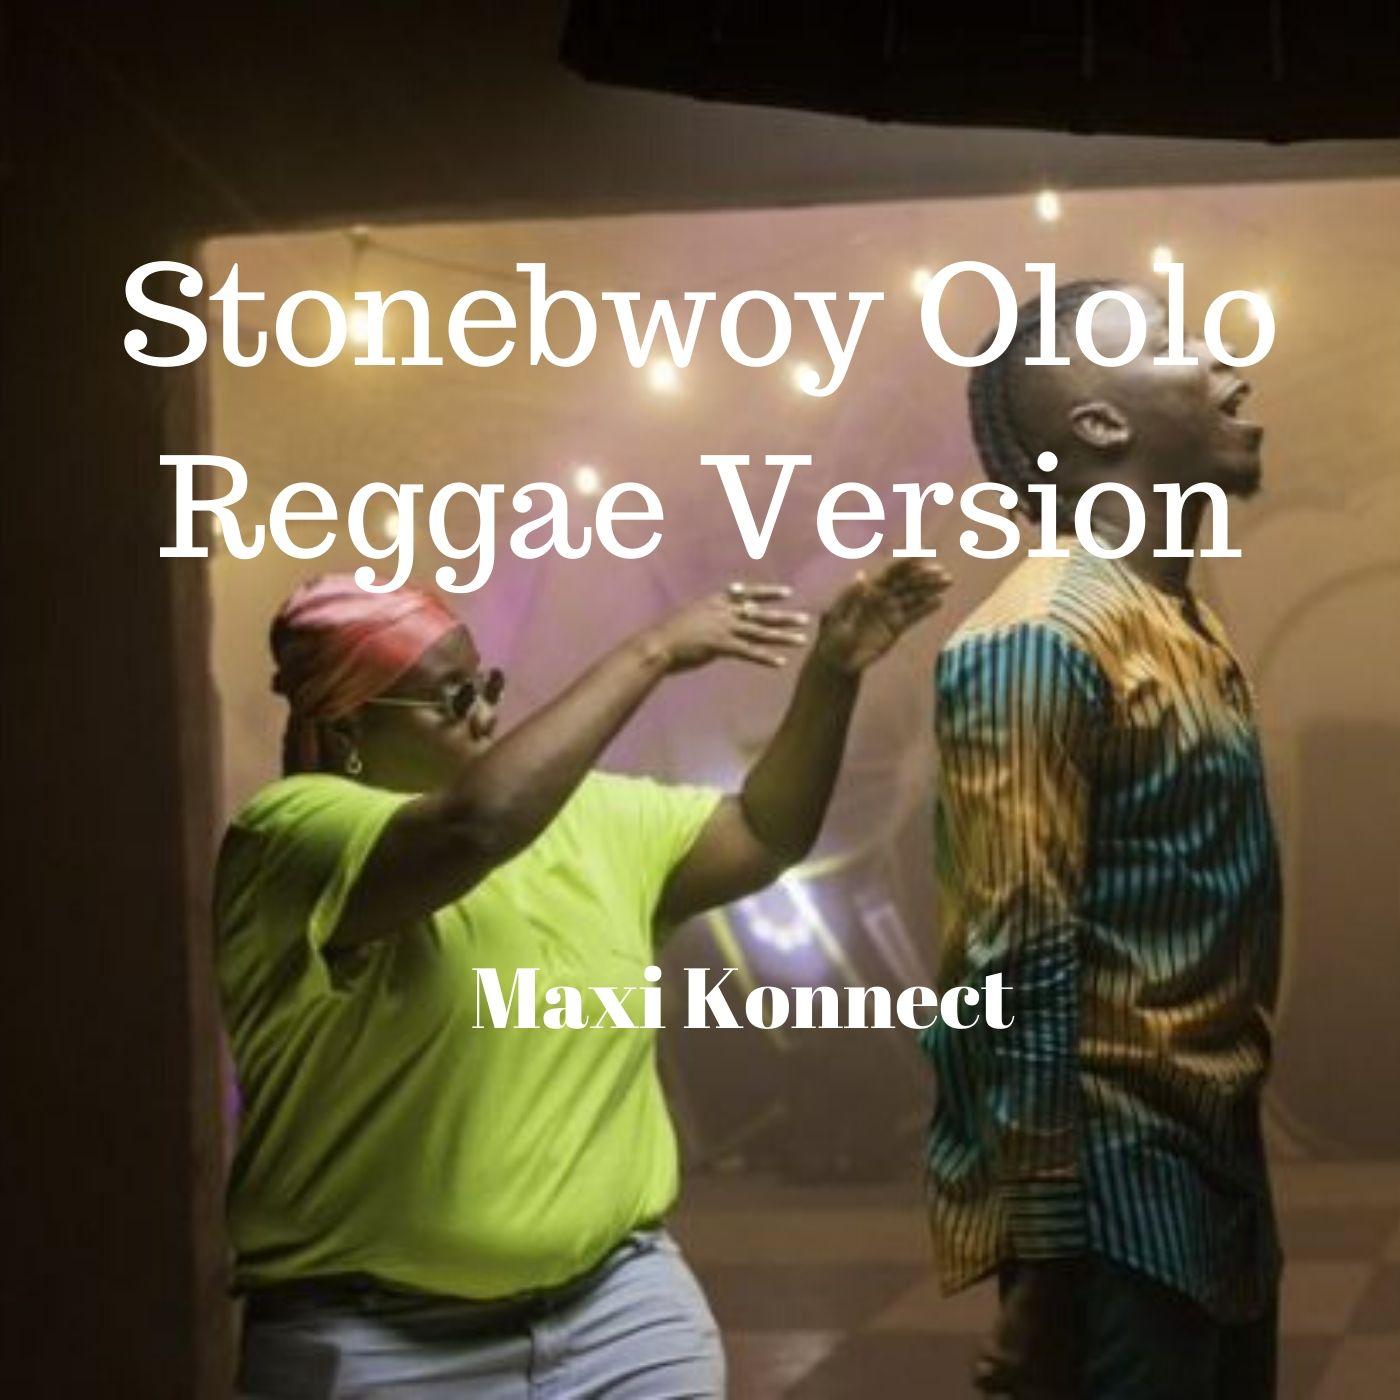 Stonebwoy Ololo Reggae Version